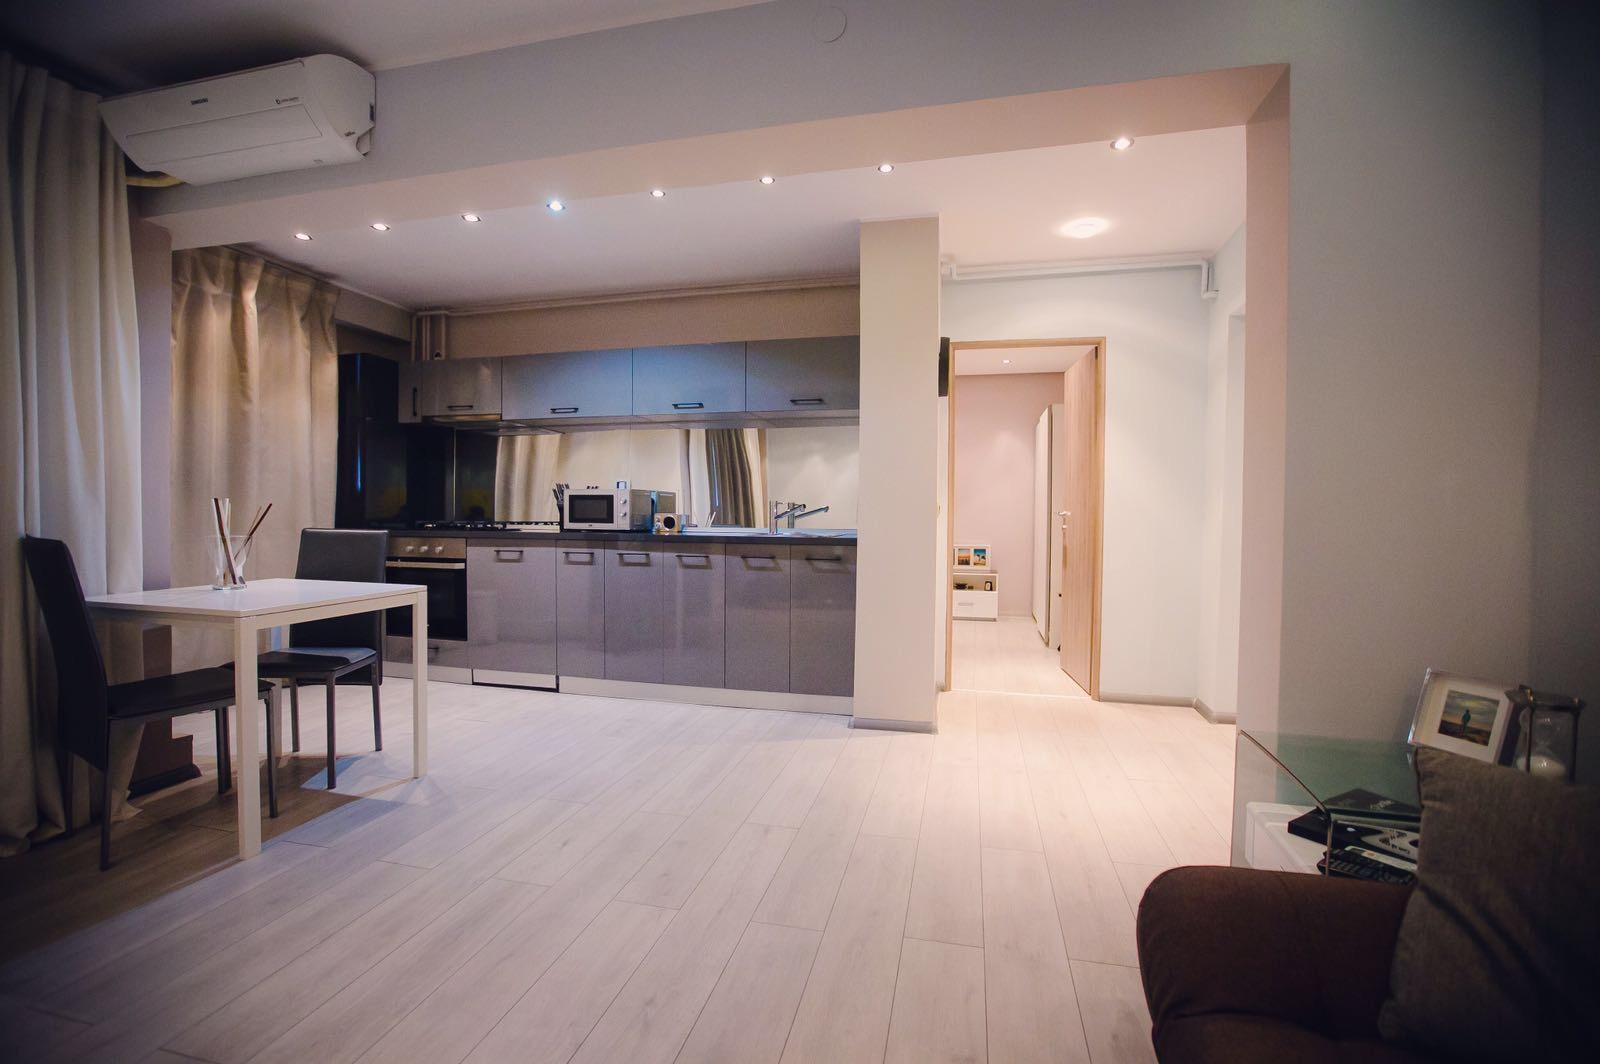 Apartament de vanzare cu doua camere aproape de Faleza Dunarii, mobilat lux